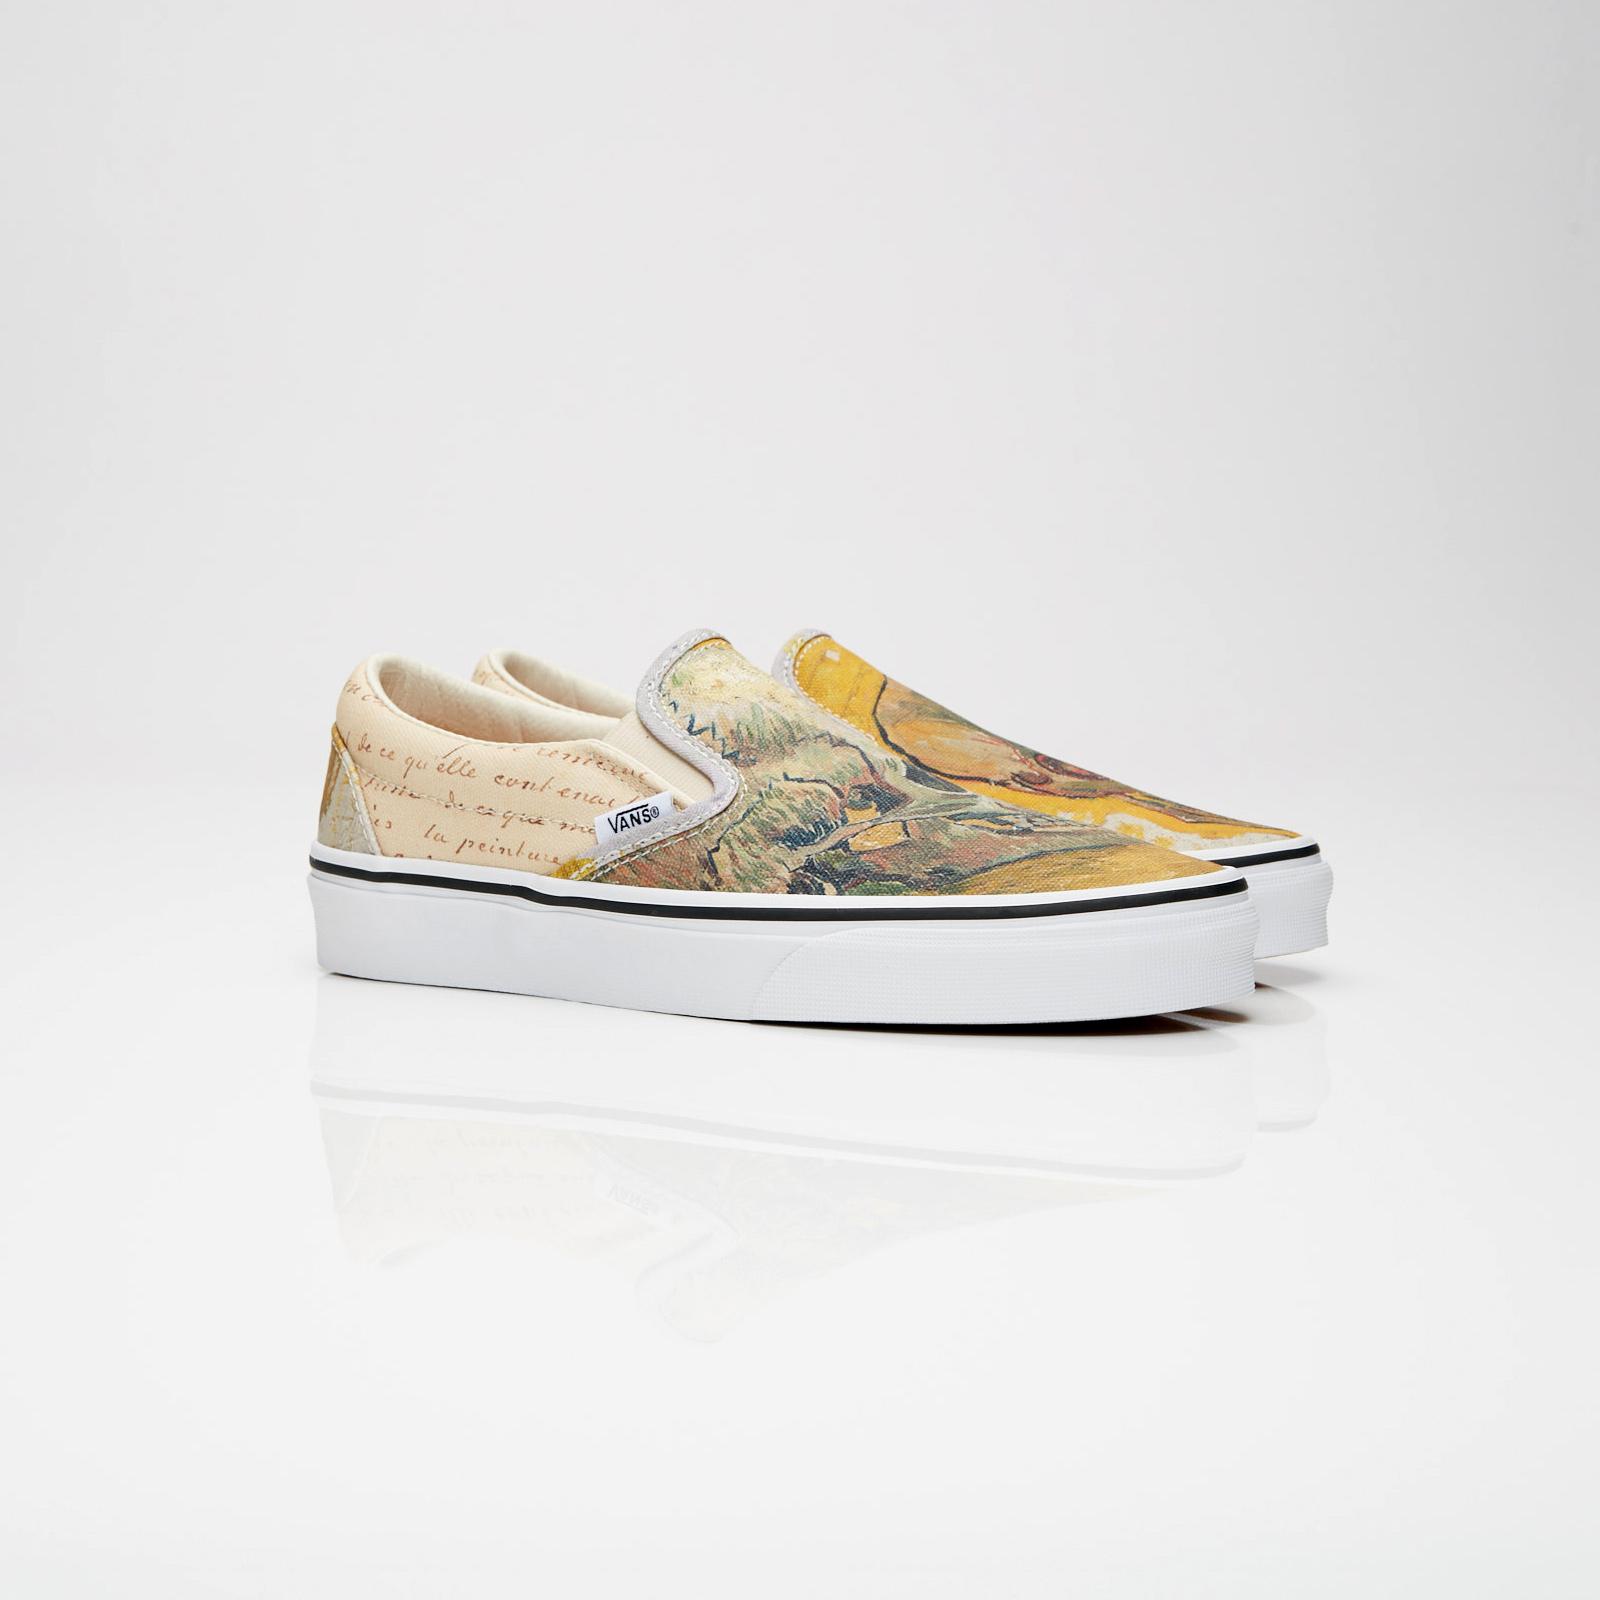 11679424a6f Vans Vincent Van Gogh Slip-On - Va38f7u48 - Sneakersnstuff ...